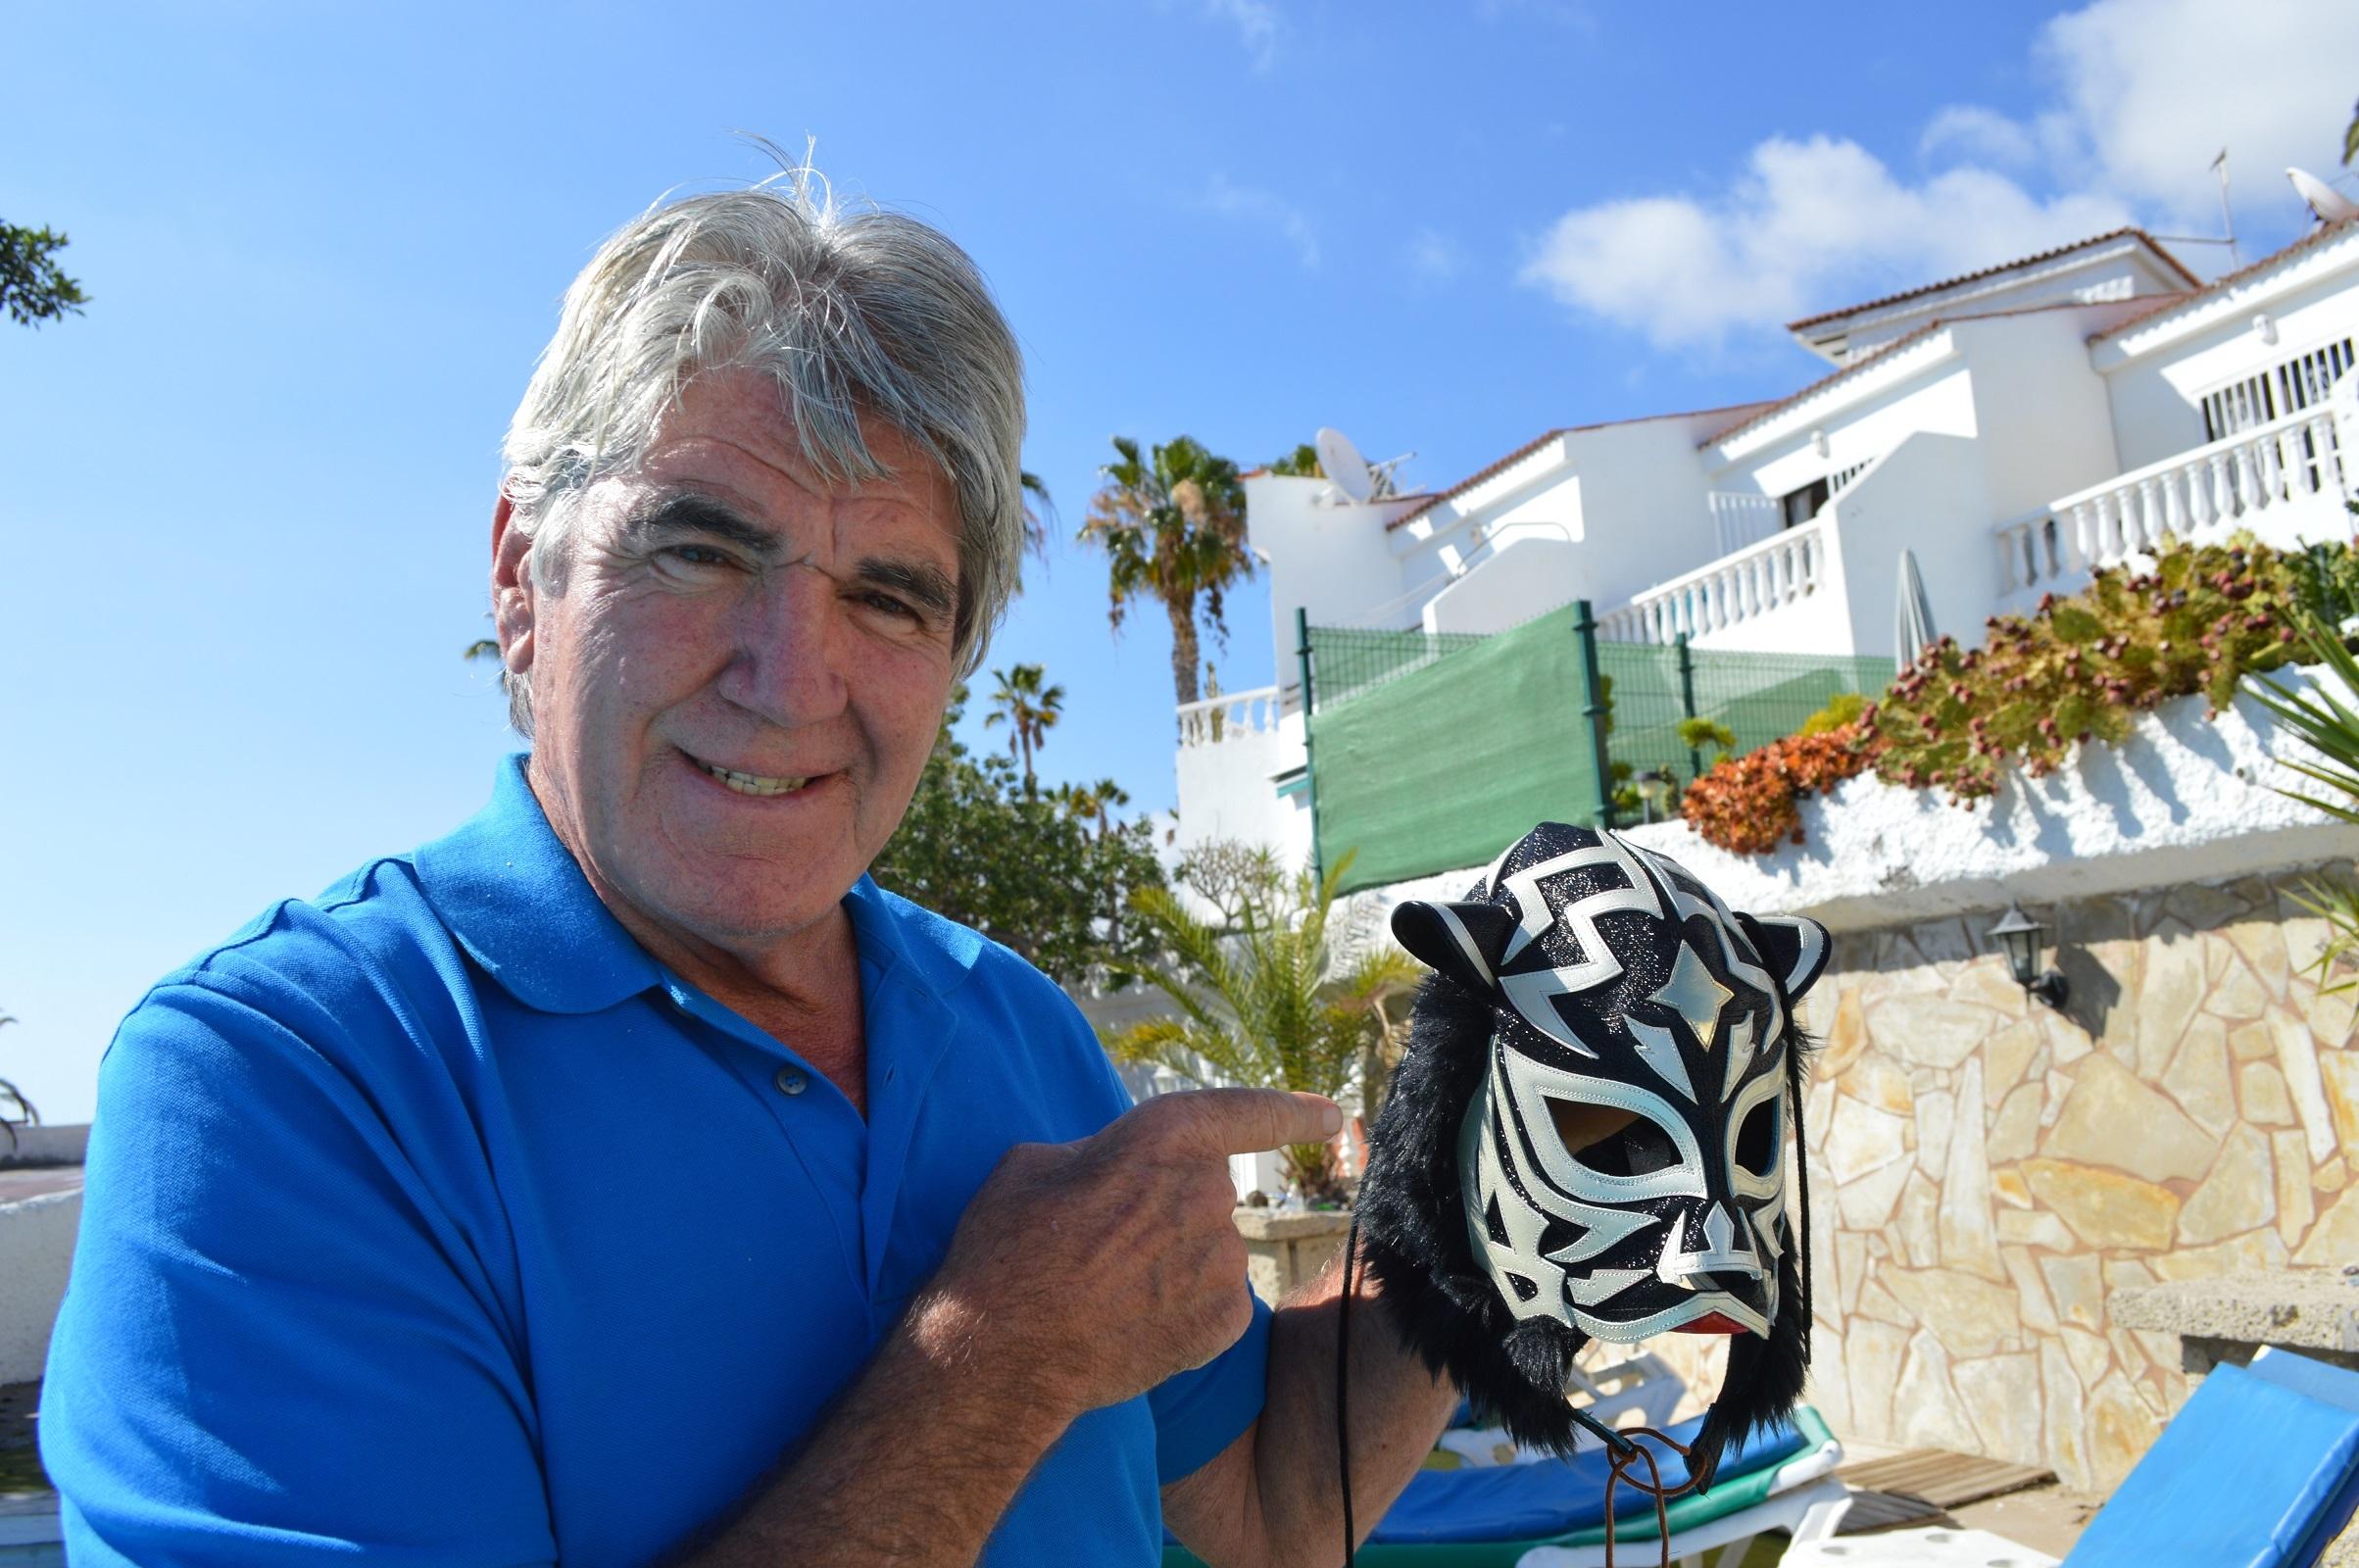 マーク・ロコを訪ねカナリア諸島テネリフェへ